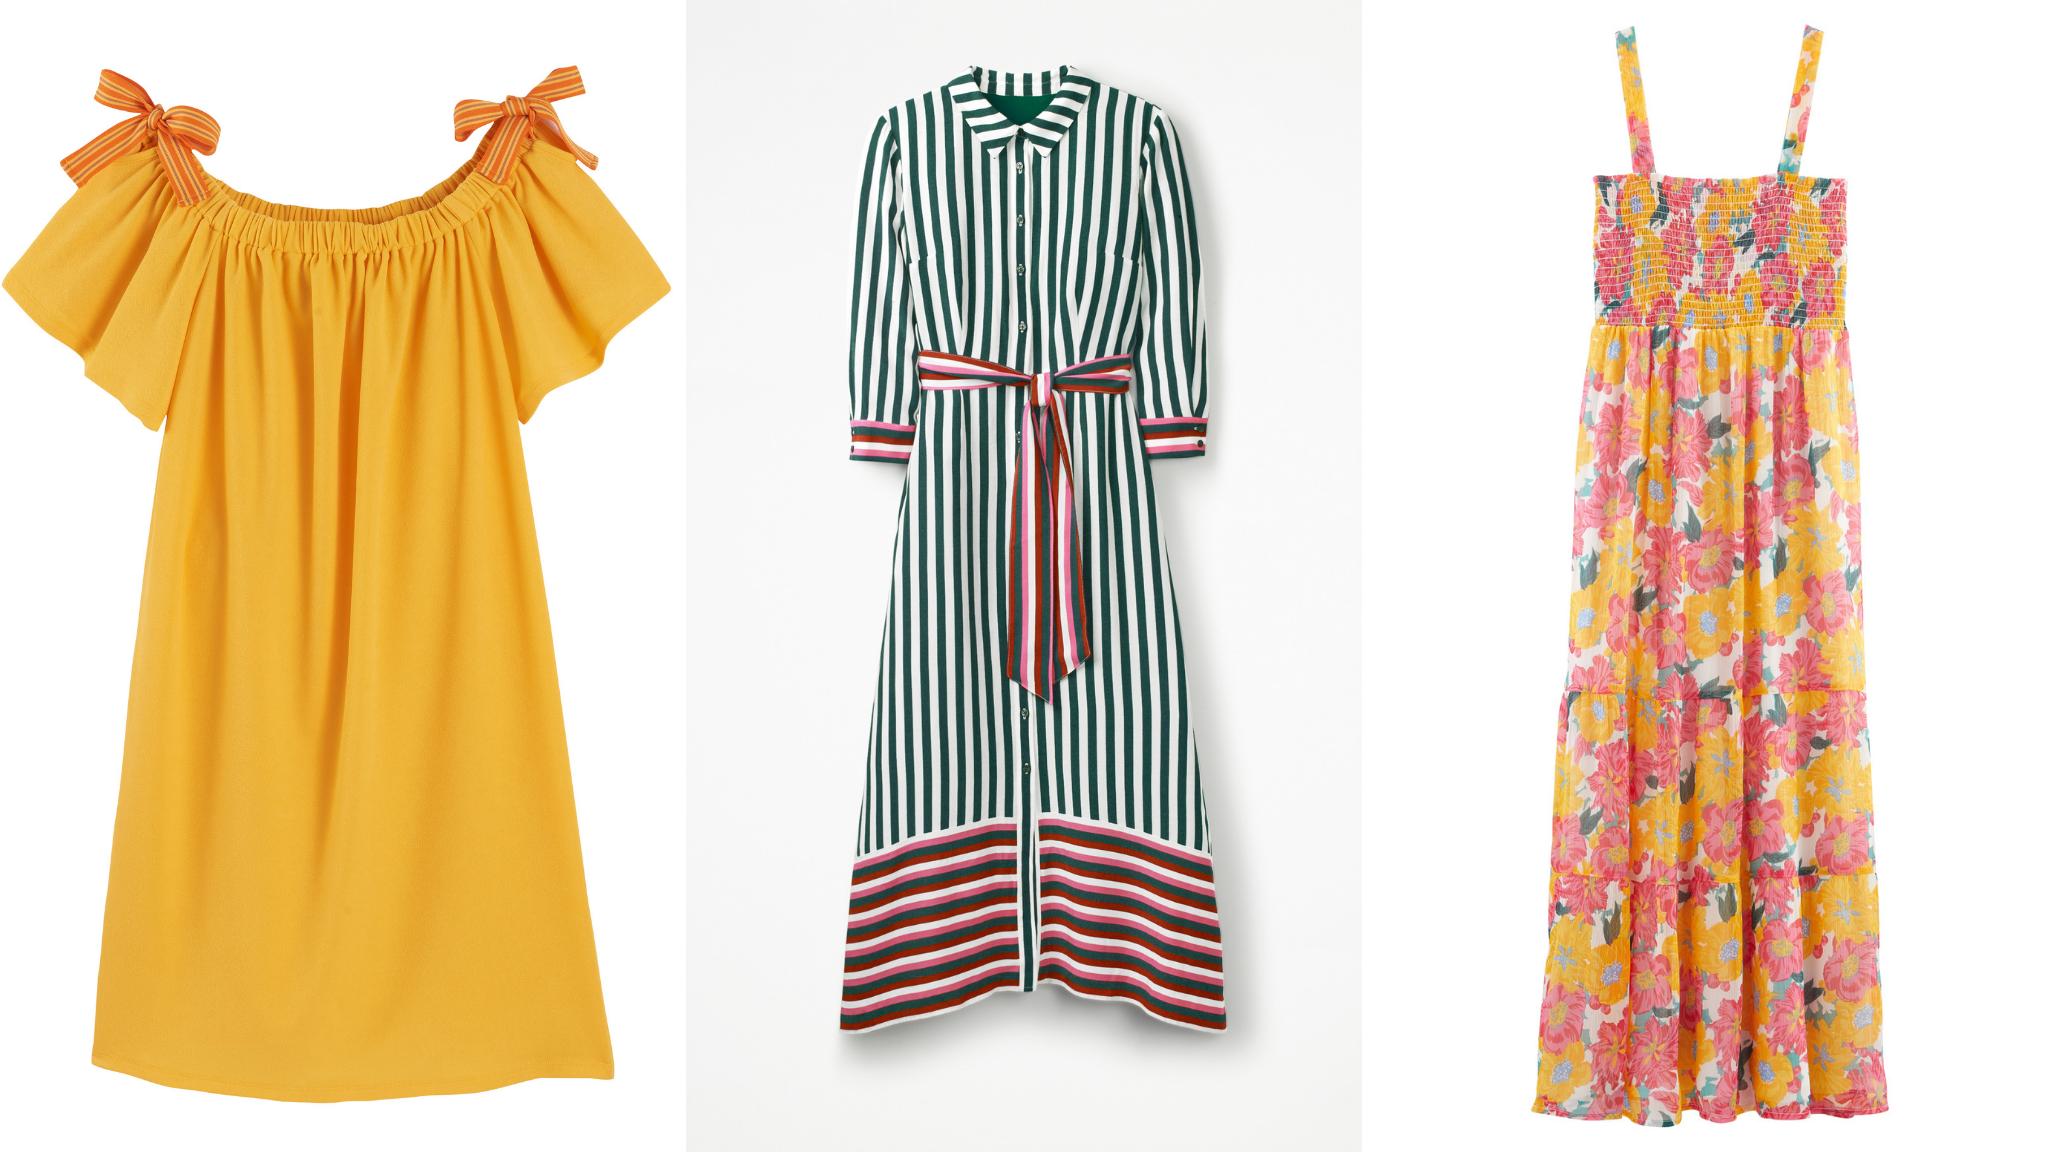 31e1104158f56 Tendance printemps/été 2019 – 15 robes d'été qui nous font craquer - Voici